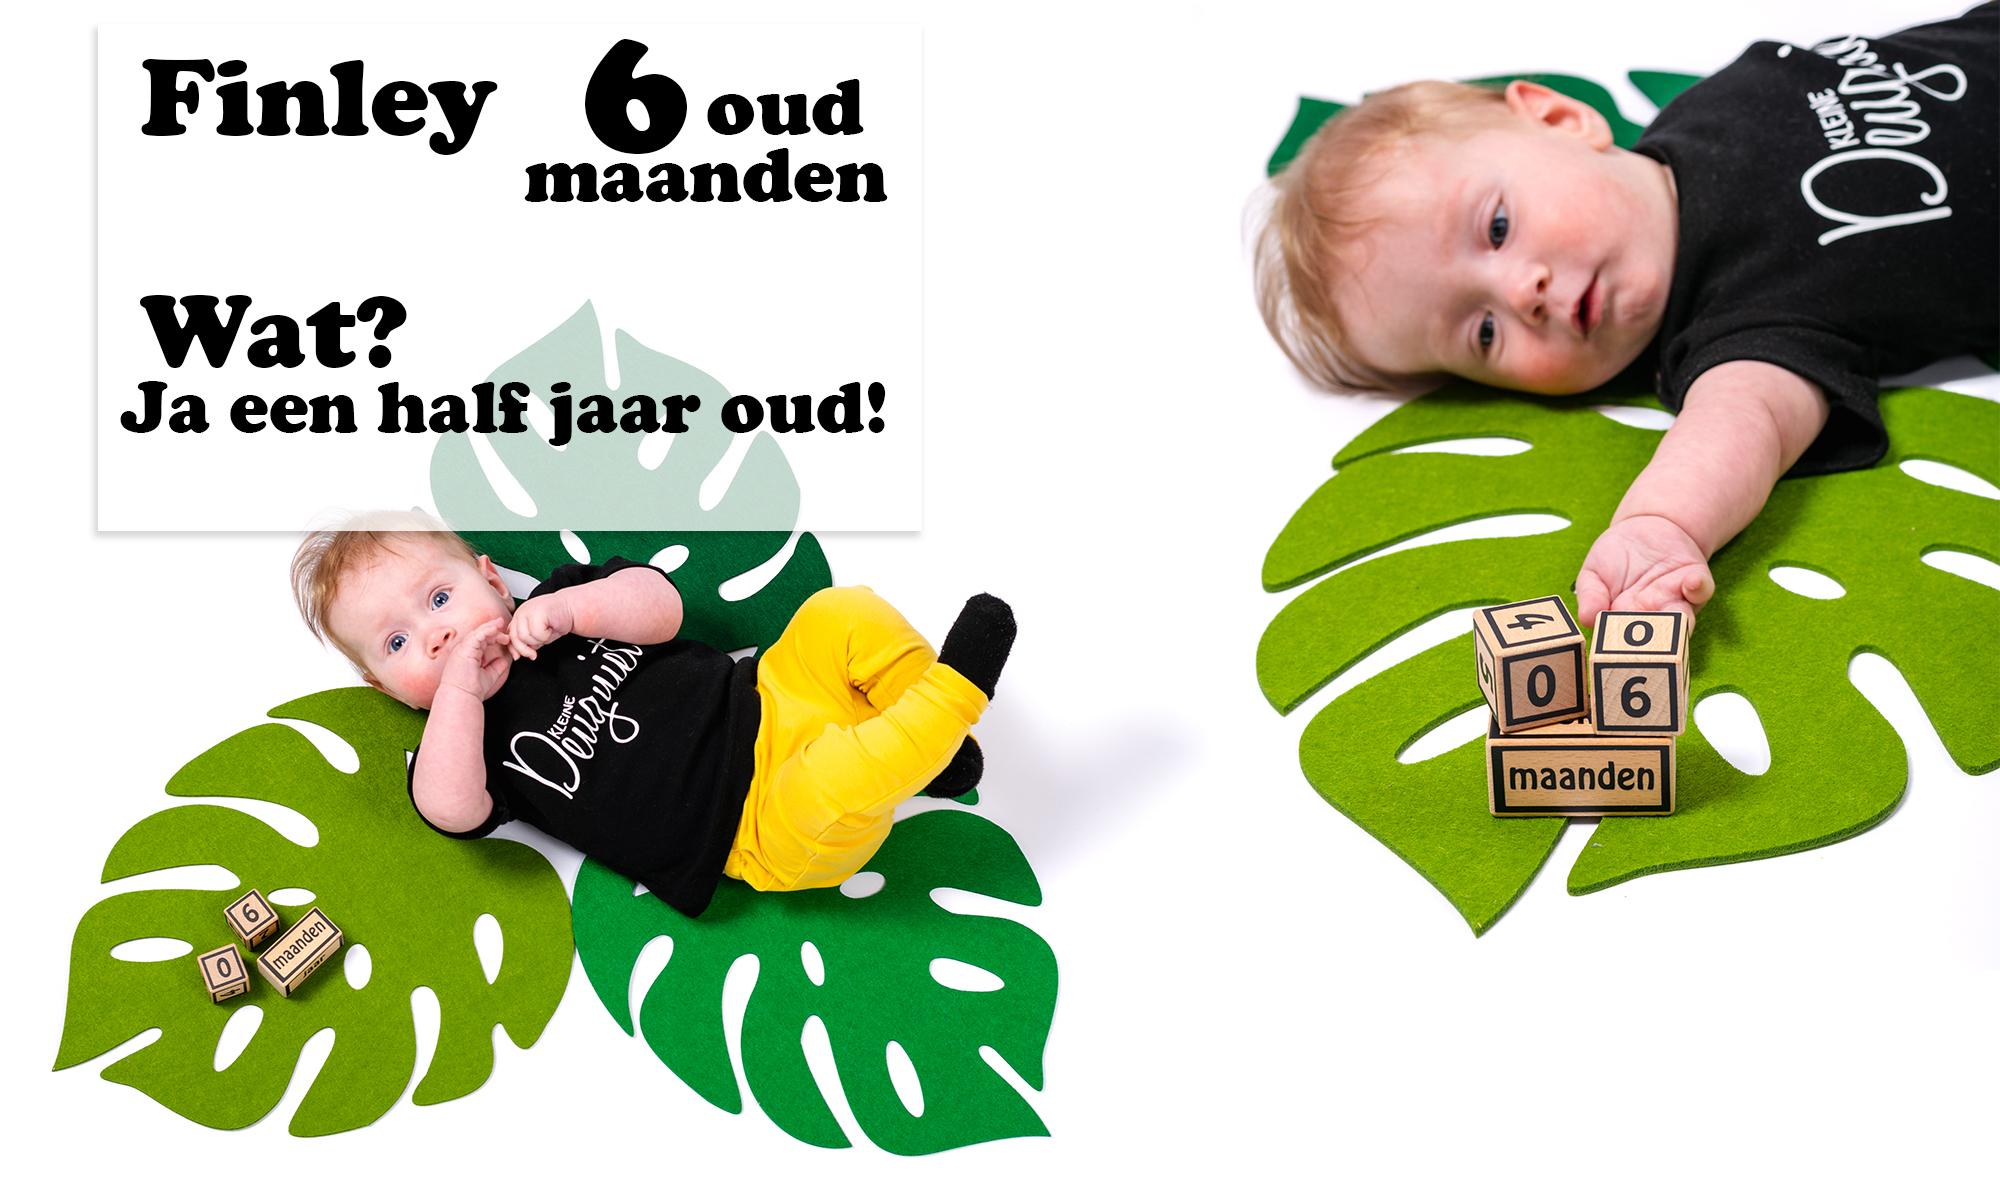 Finley 6 maanden oud ontwikkeling mama blog brandrep sizclothes baby half jaar www.liefkleinwonder.nl rollen van rug naar buik van buik naar rug borstvoeding zitten broers